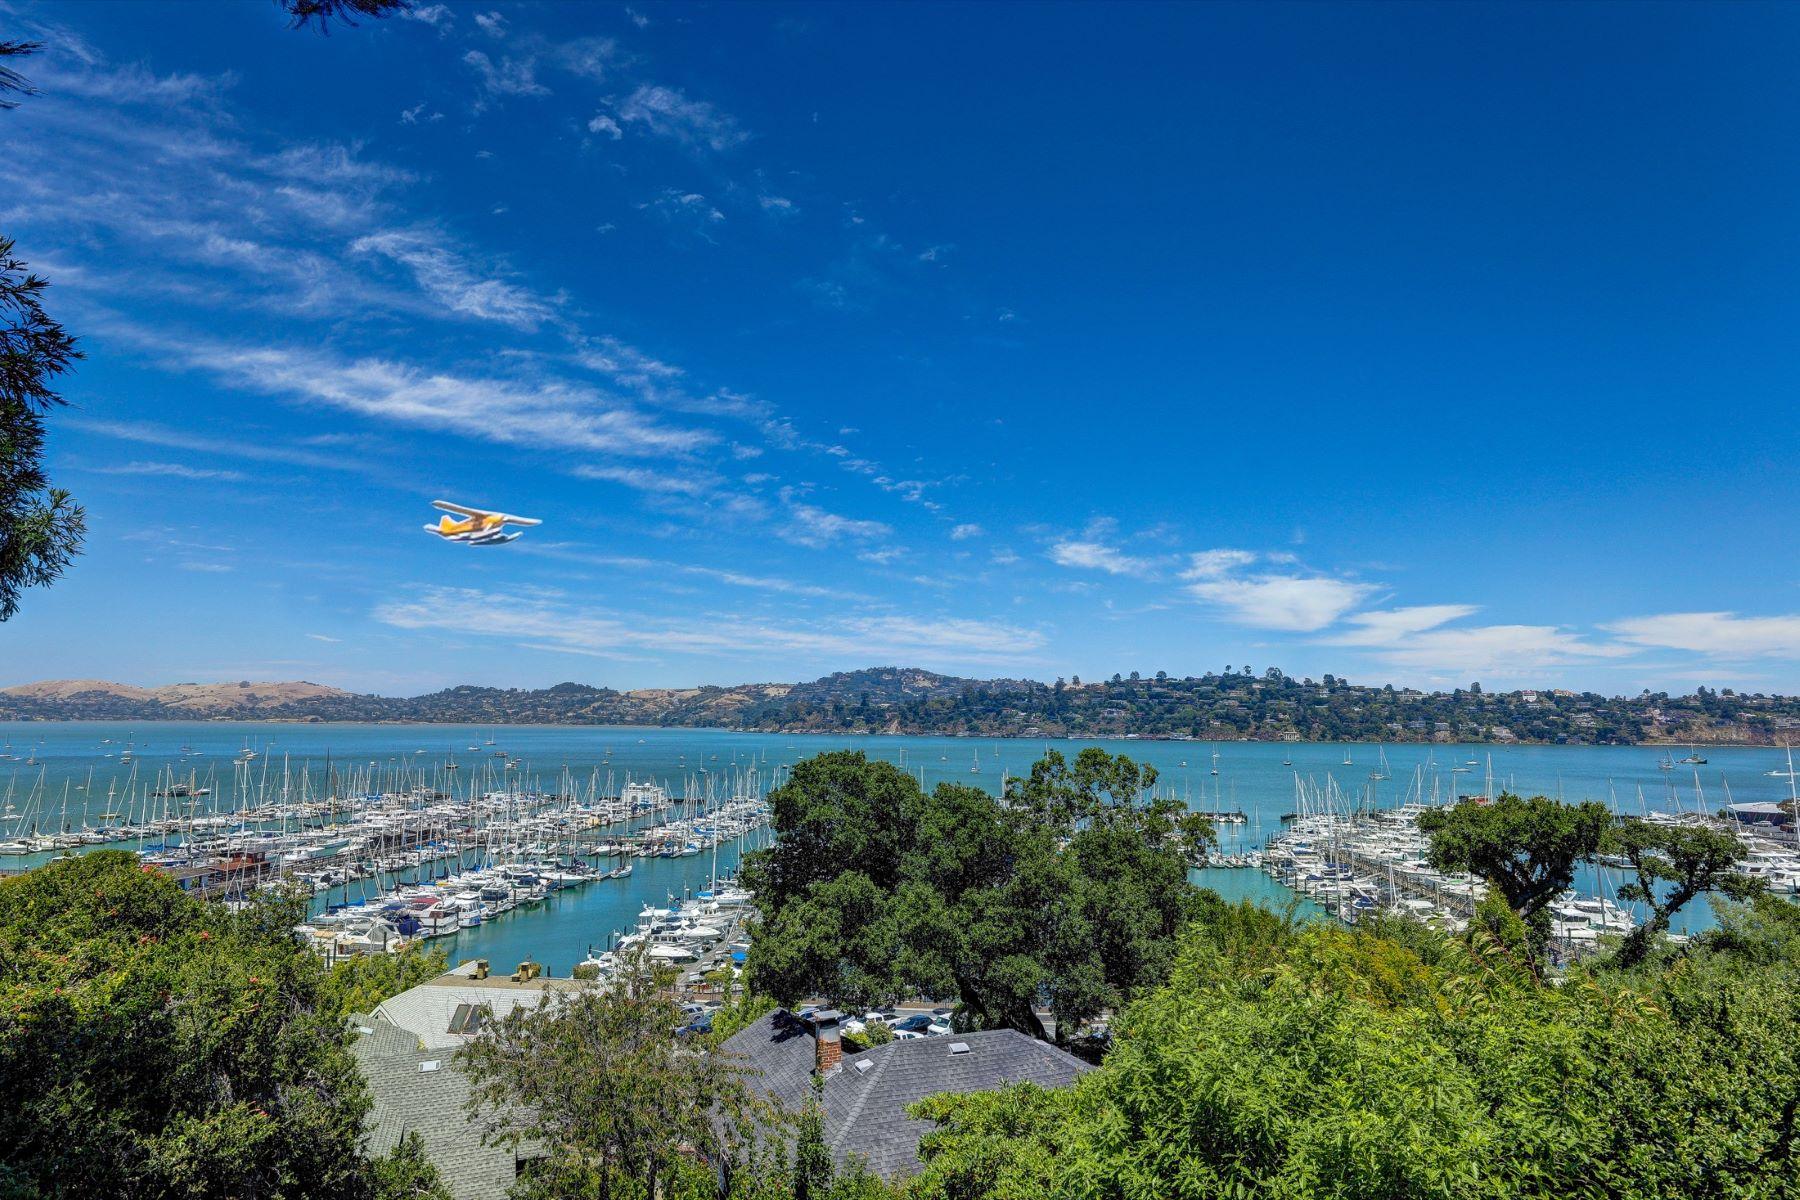 Villa per Vendita alle ore Sausalito Banana Belt Bay View Home 200 Bulkley Avenue Sausalito, California, 94965 Stati Uniti